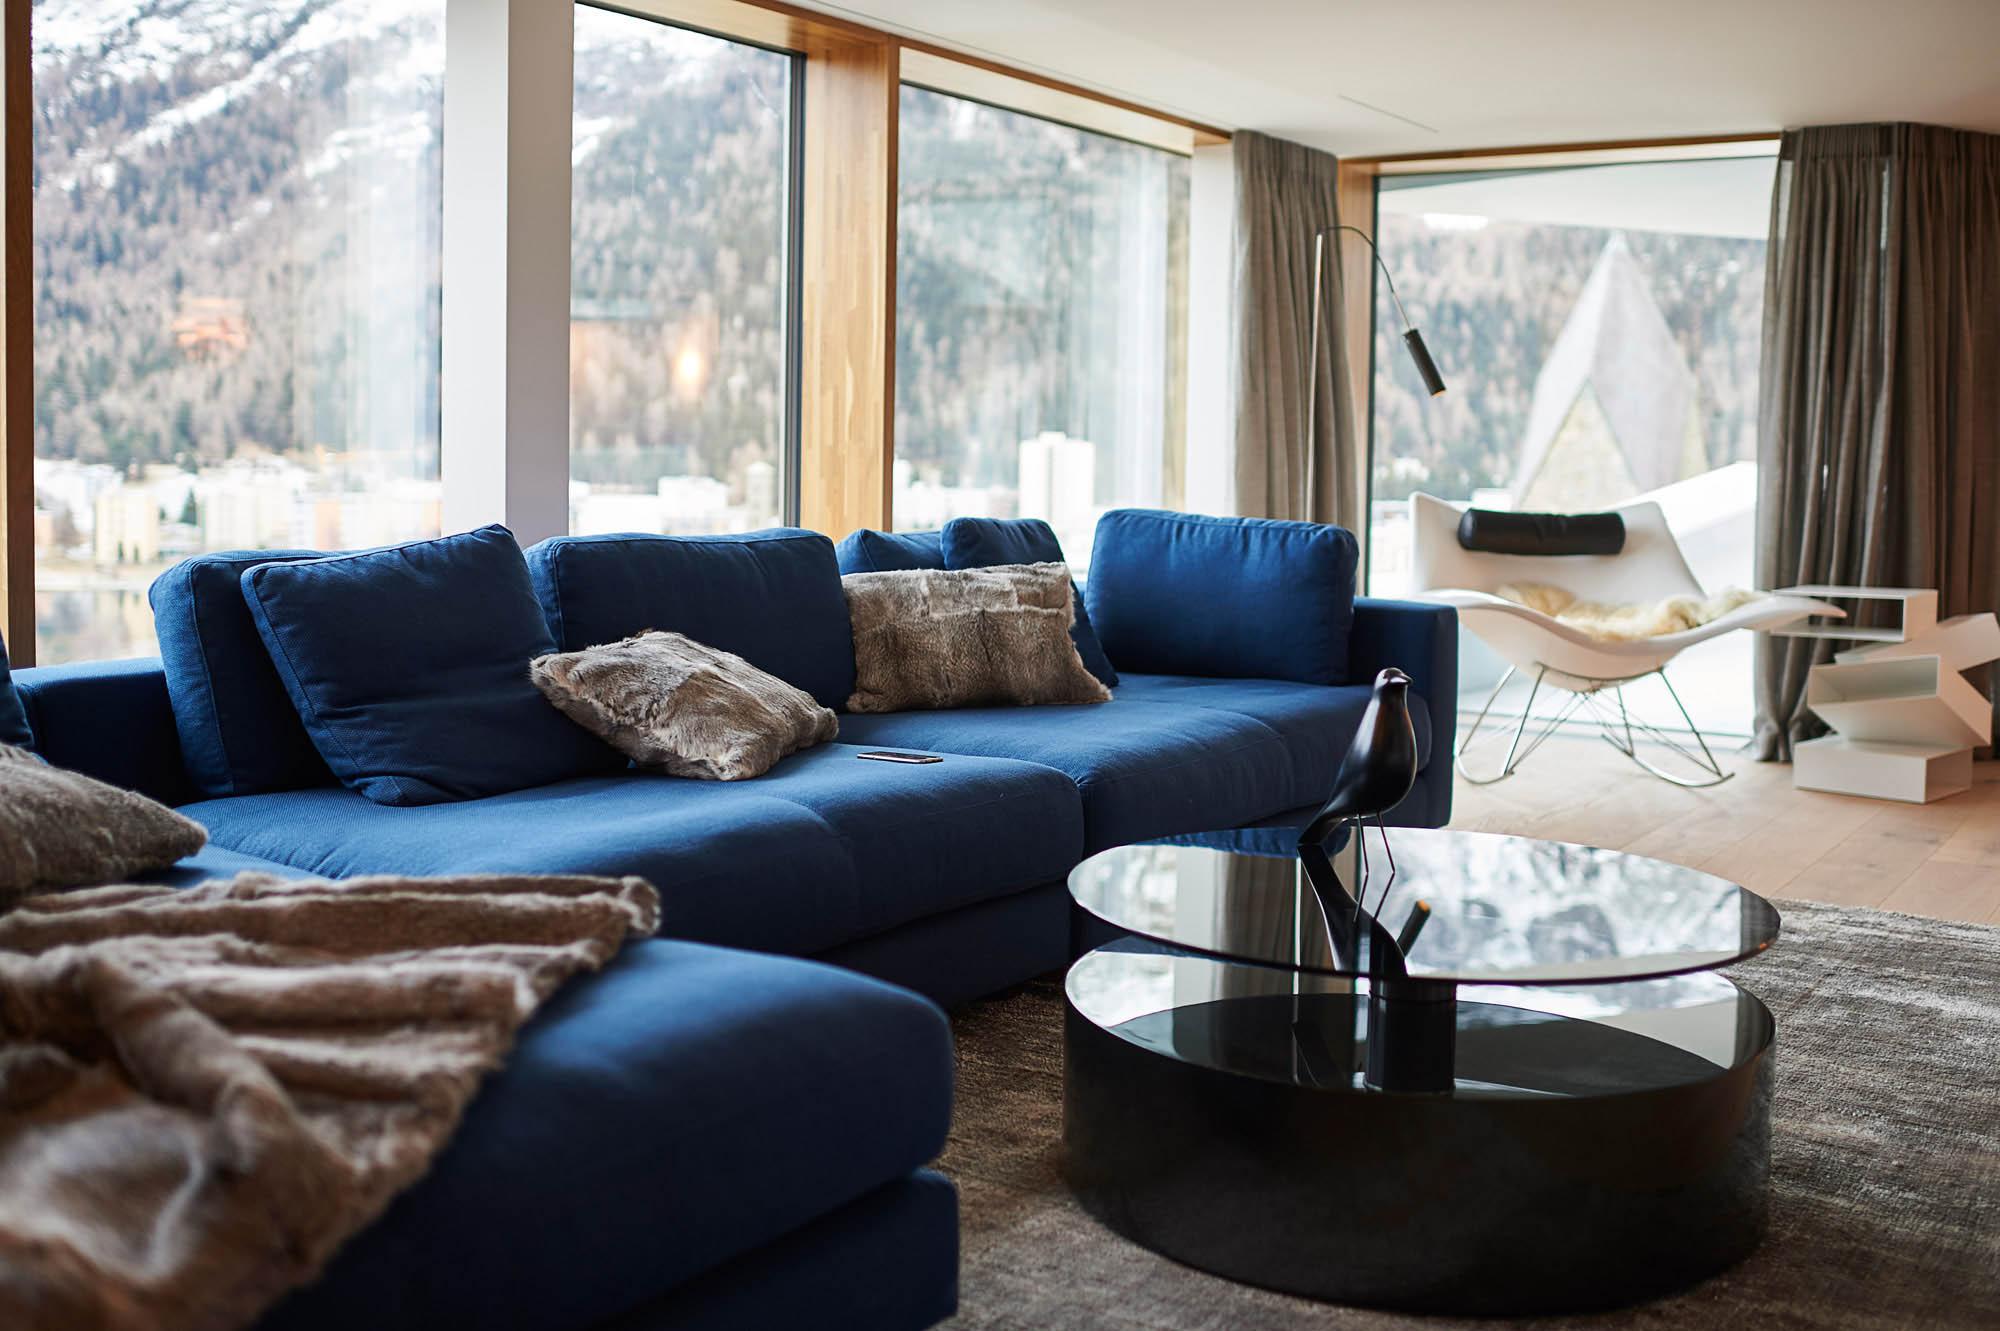 OPC 151128 1113 - Penthouse St. Moritz: Frisch eingerichtet, frisch abgelichtet